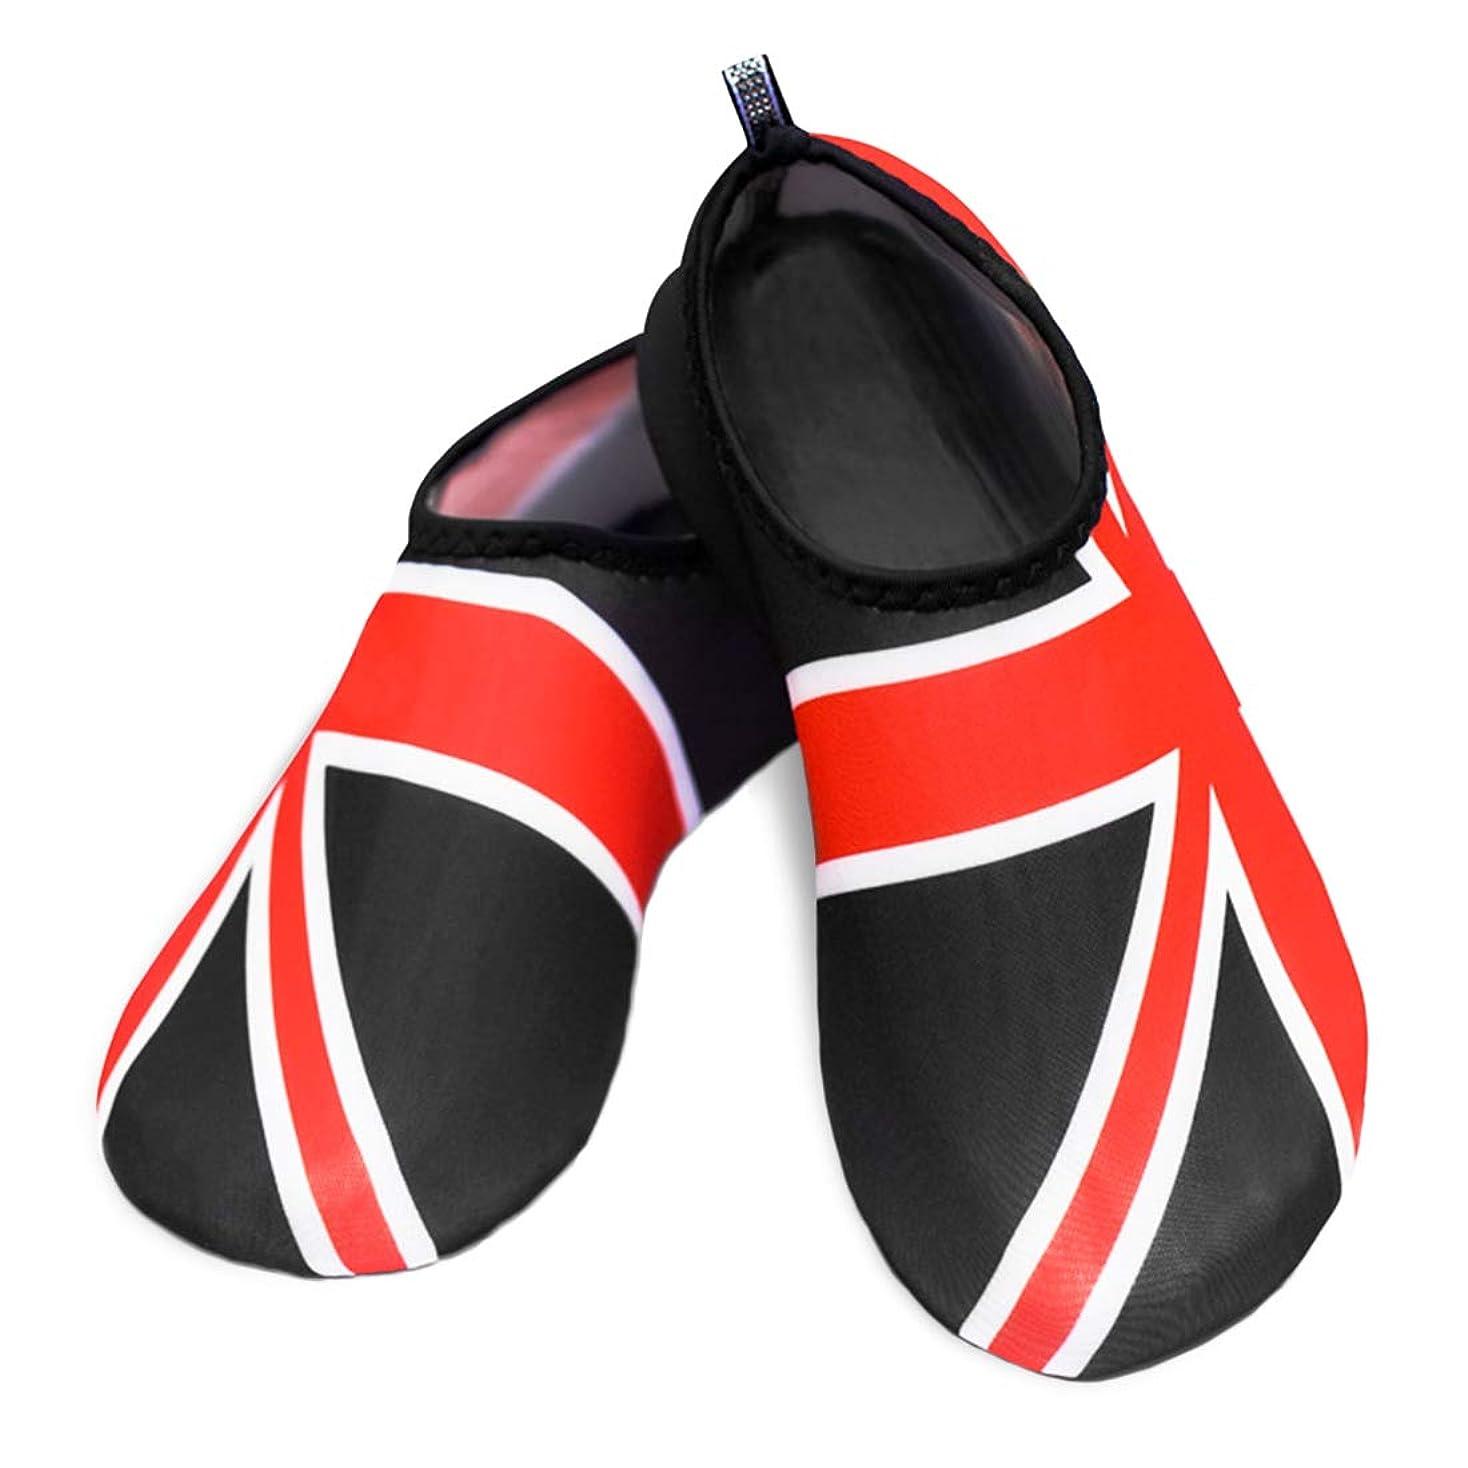 スリッパ比類なき仲良し[Kalevel] ビーチ シューズ サンダル マリン 靴 水陸両用 ヨガ 折りたたみ シューズ ウォーター シュノーケリング シューズ 通気性 柔らかい 靴 アクアシューズ レディース メンズ兼用 軽量 速乾 シューズ